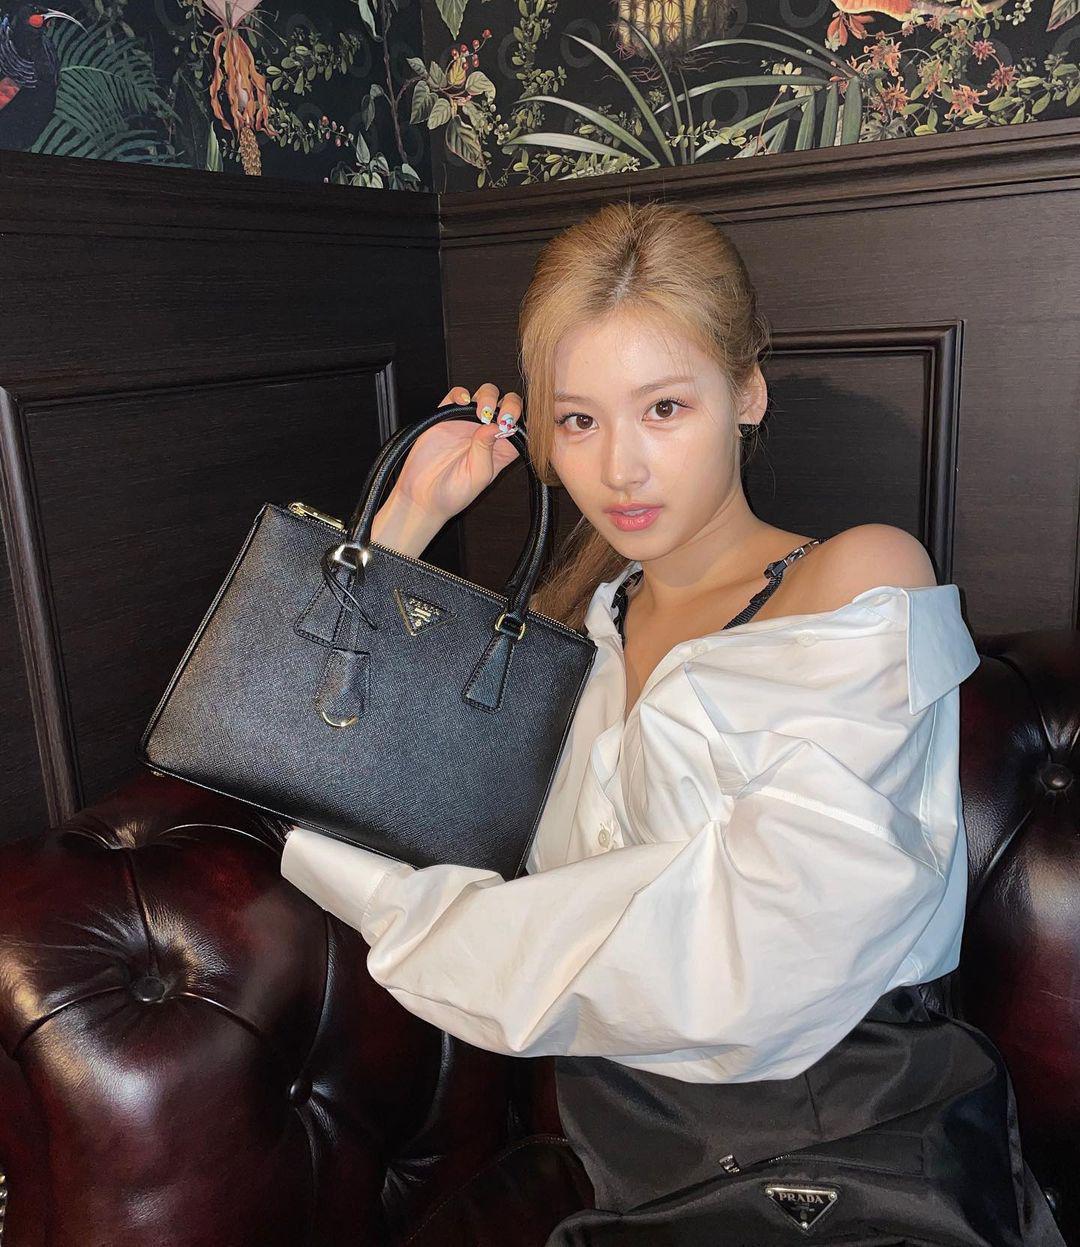 Visual nổi nhất Twice nhưng Sana vẫn bị chê nhạt nhòa khi diện túi hiệu, có đáng hay không? - Ảnh 1.